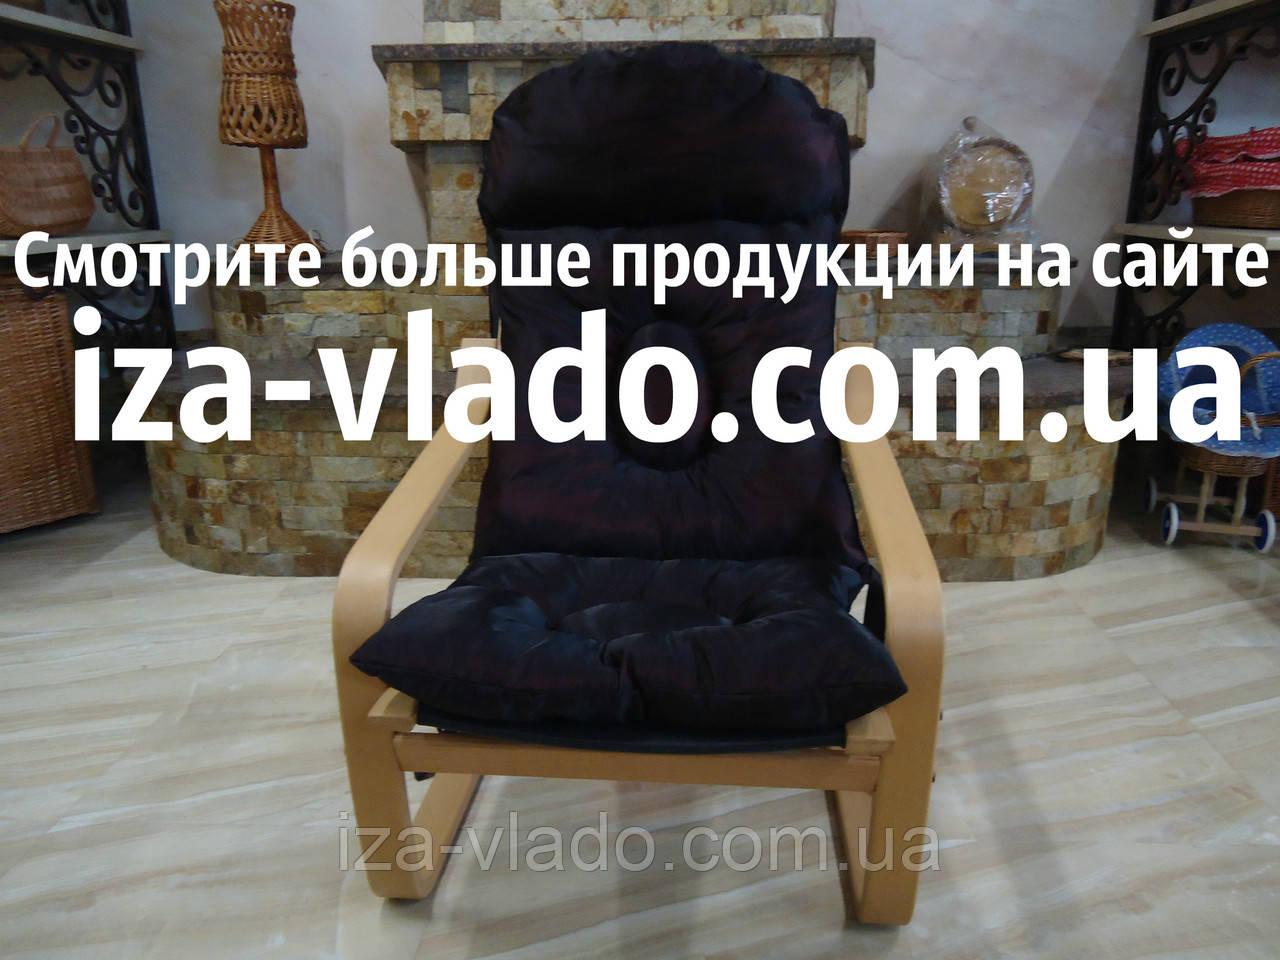 Кресло-лягушка *VLADO* — светлый бук / темная накидка